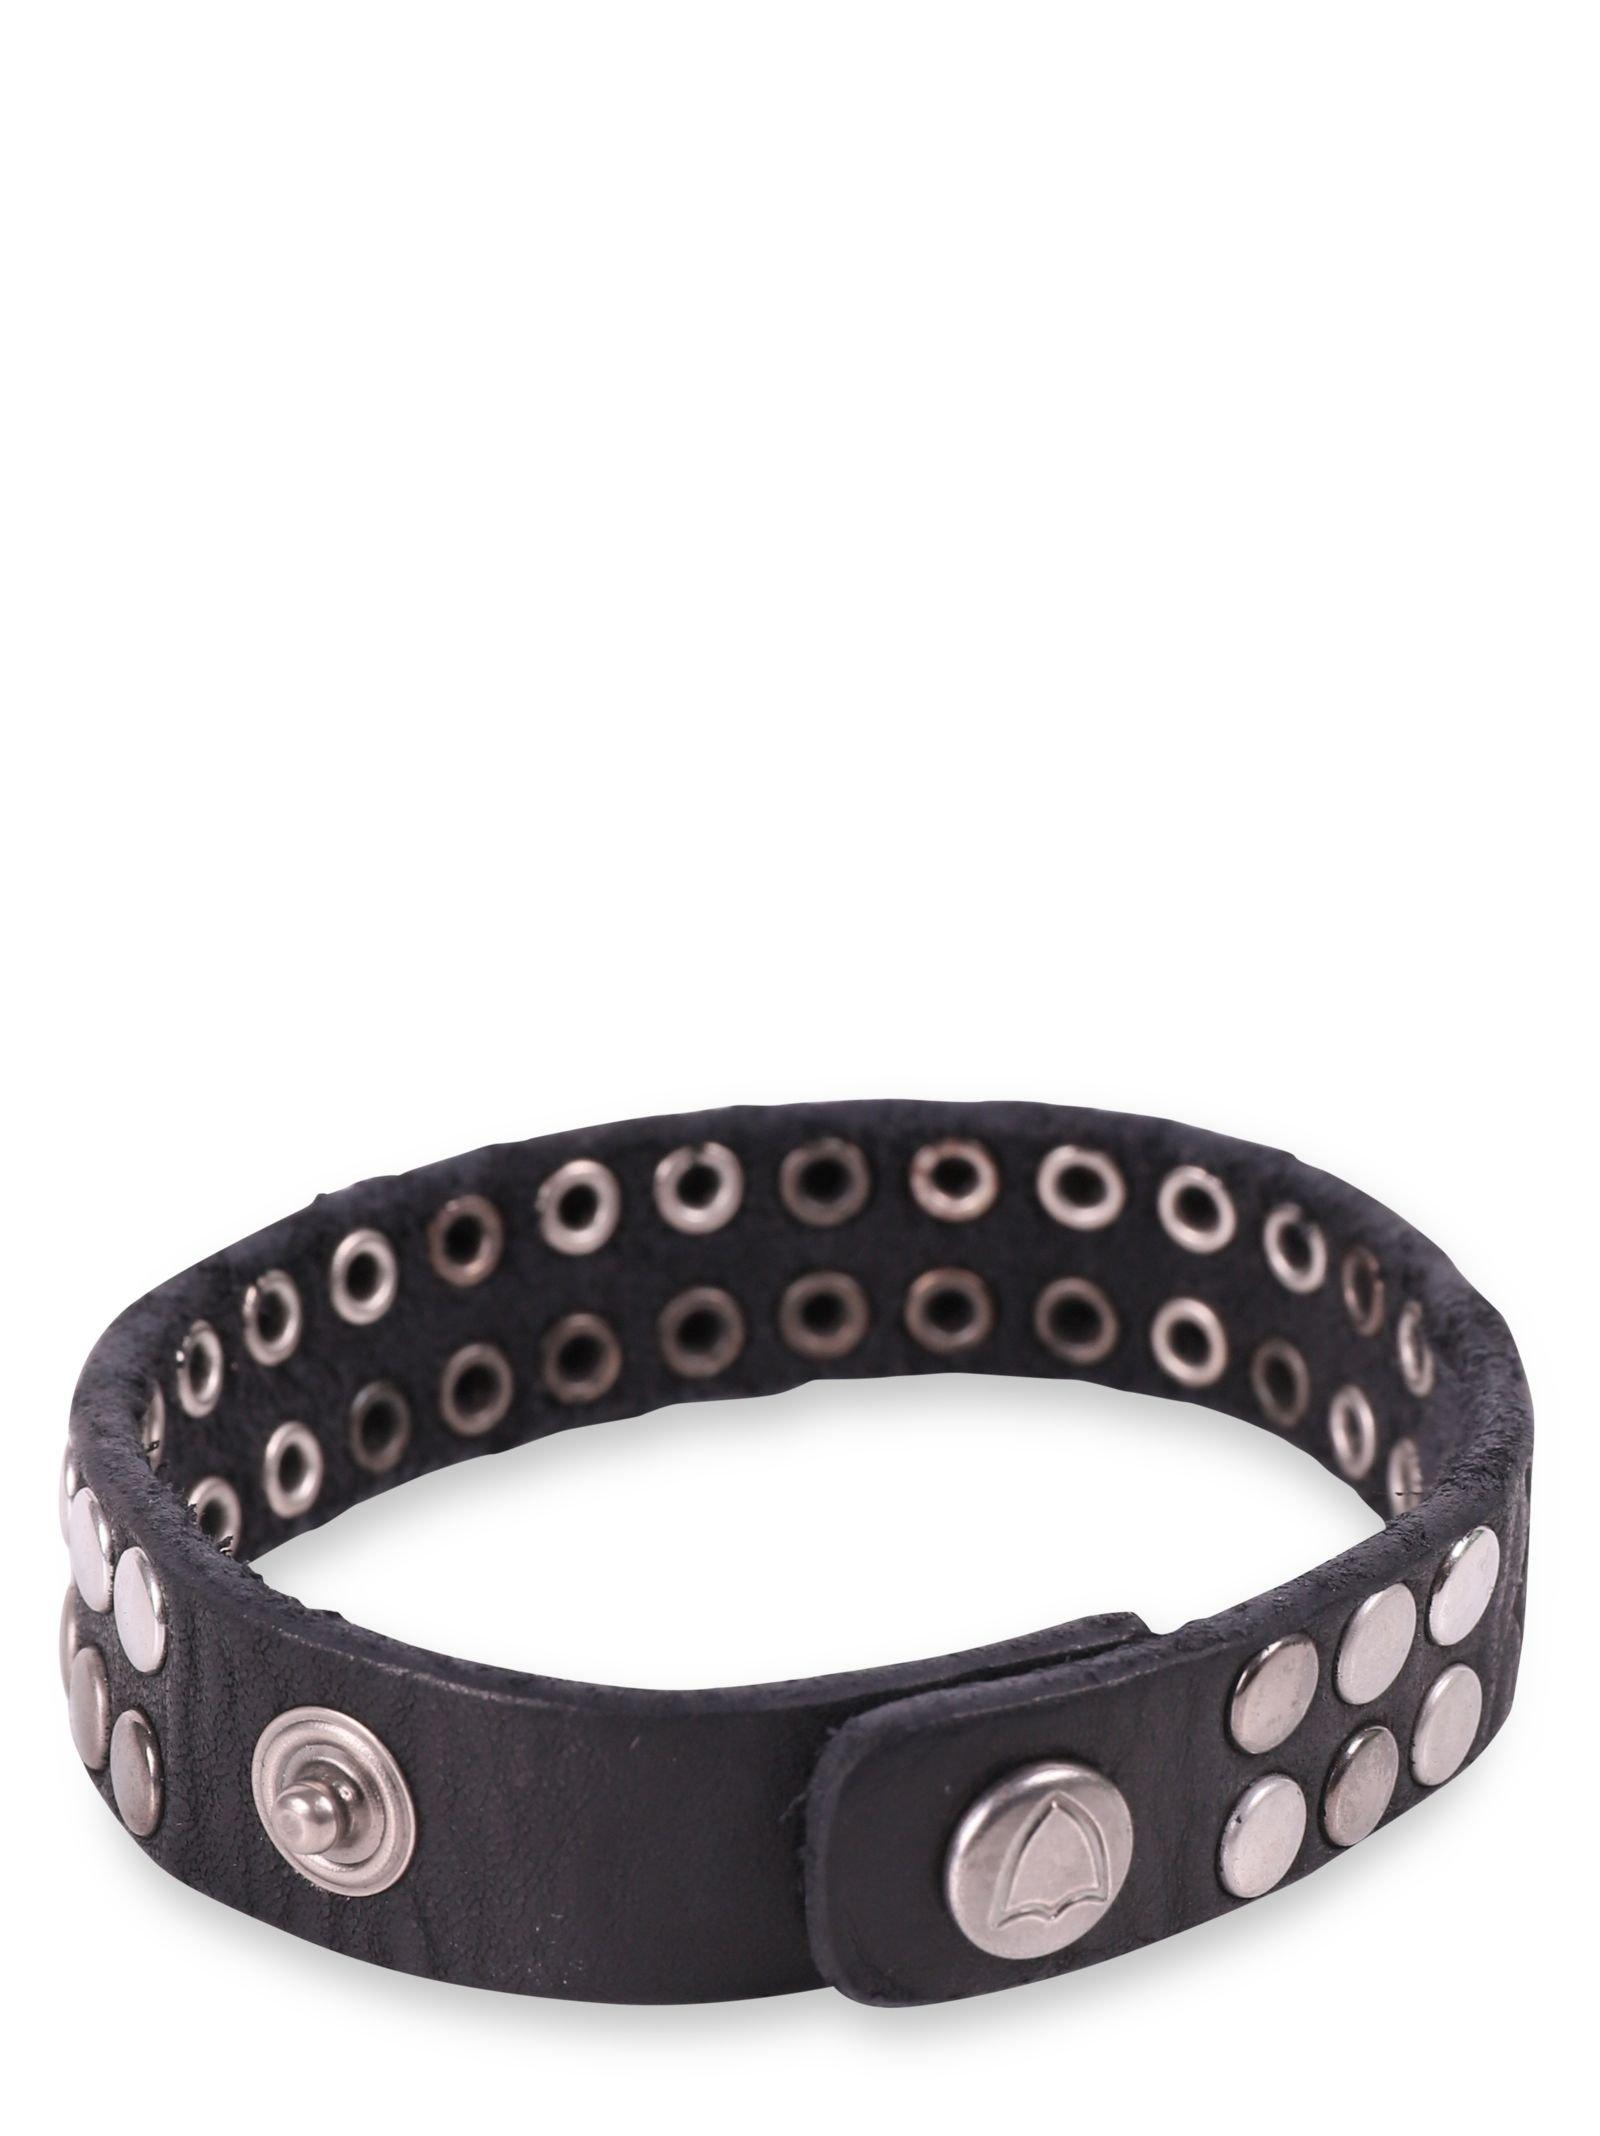 Htc Black Bracelet